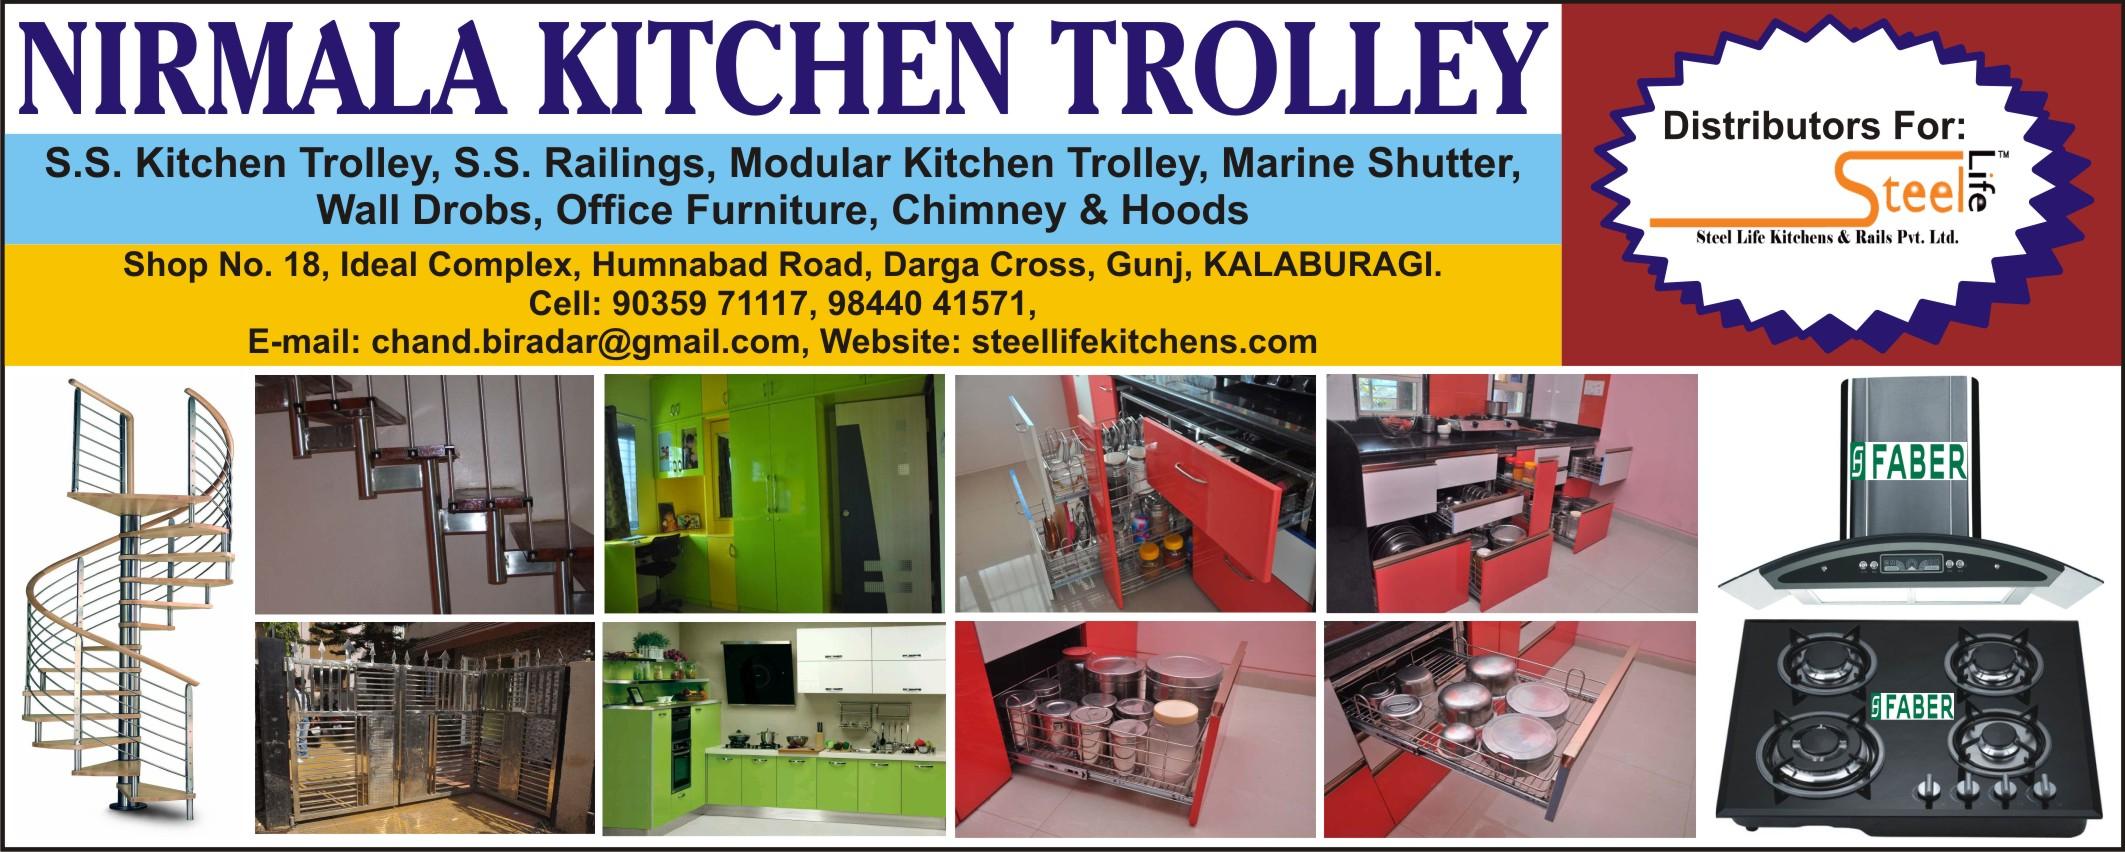 Nirmala Kitchen Trolley